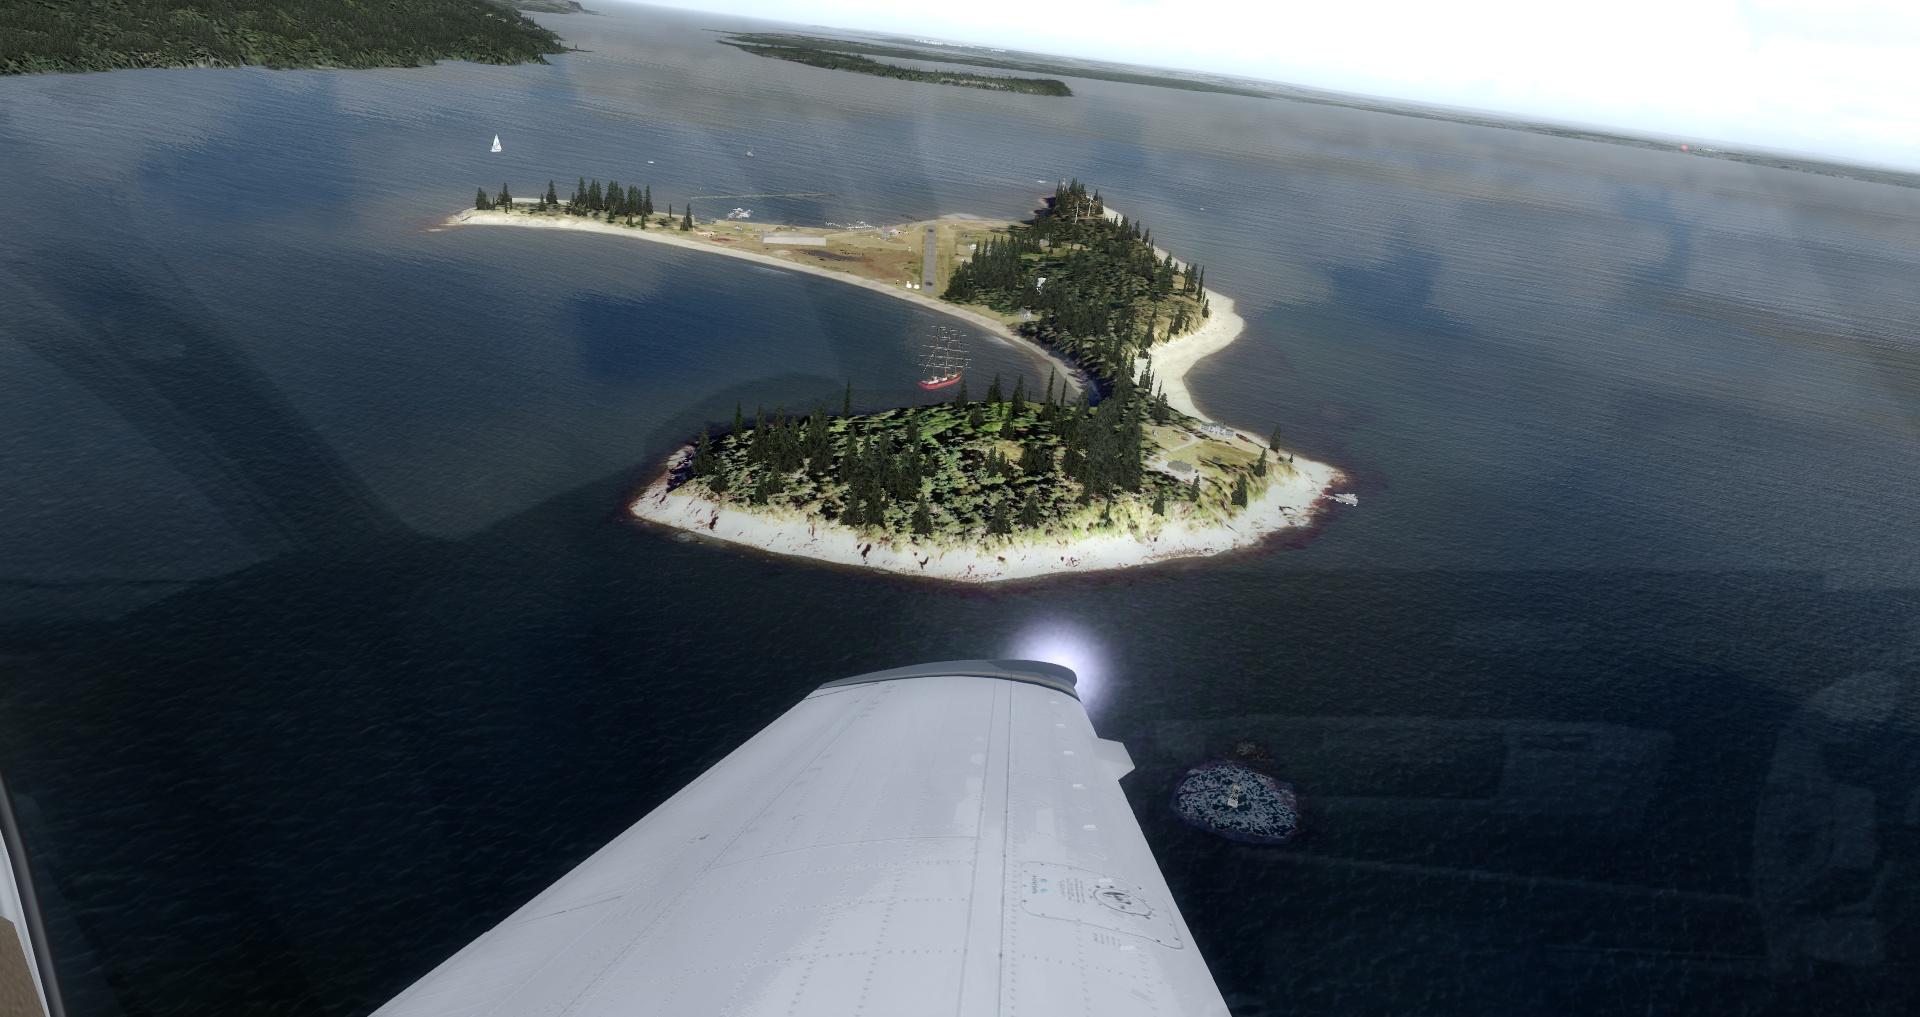 Making turn around the island...